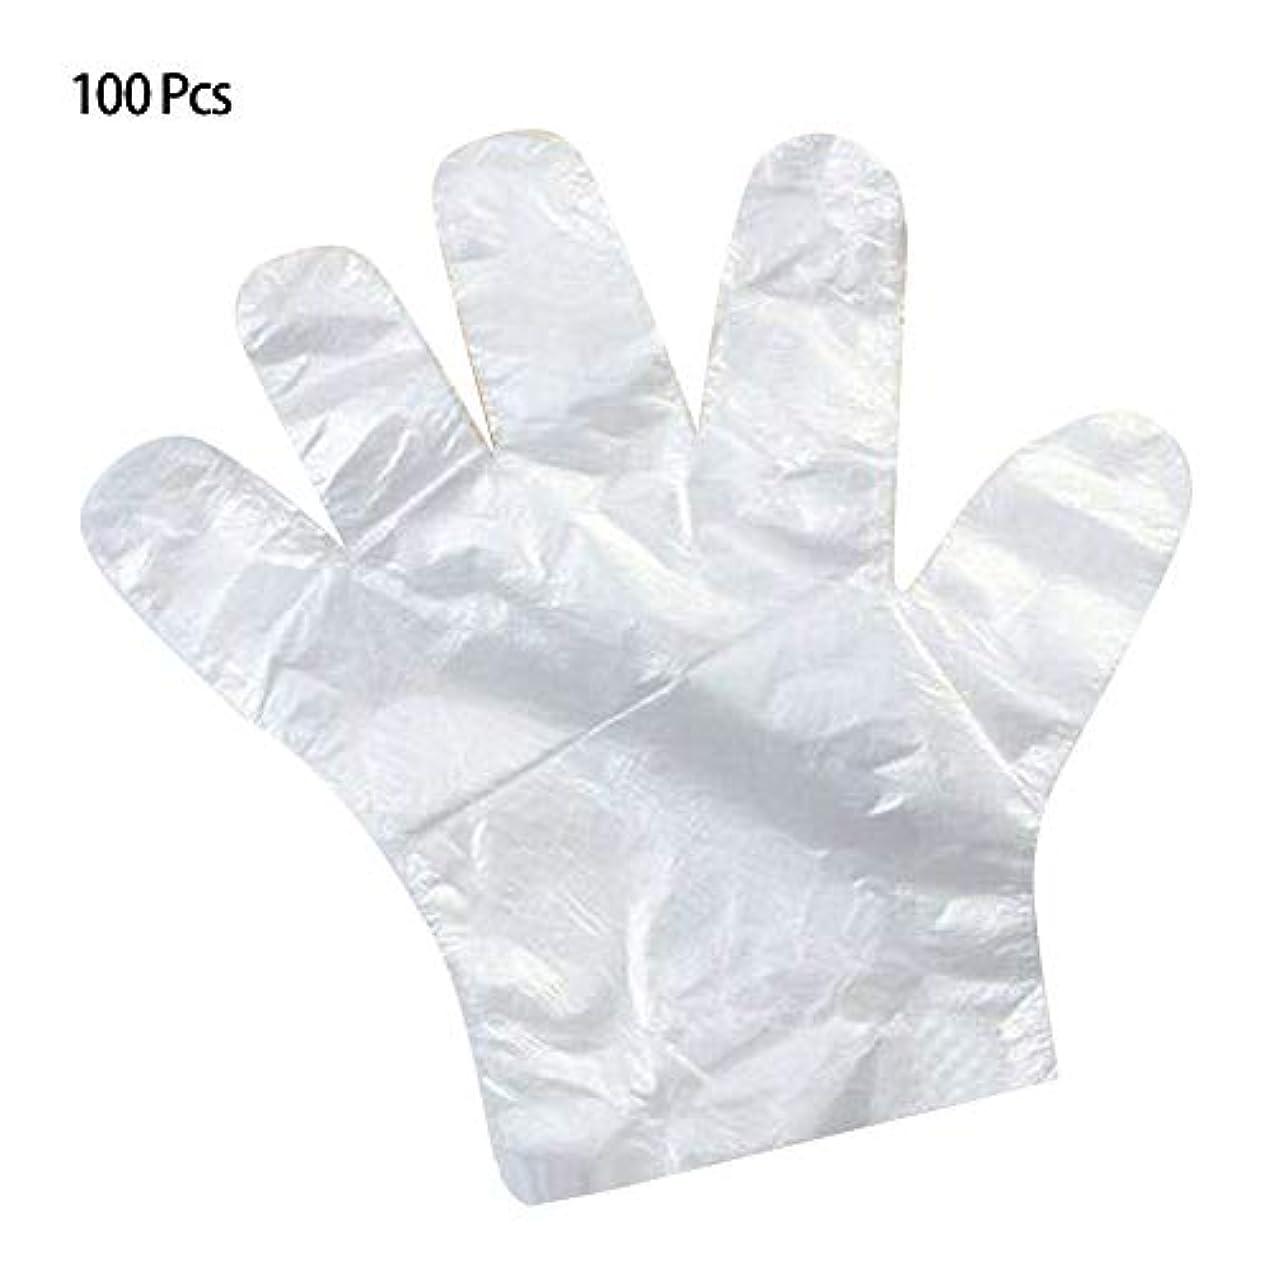 走る生理可聴使い捨て手袋 極薄ビニール手袋 ポリエチレン 透明 実用 衛生 100枚*2セット